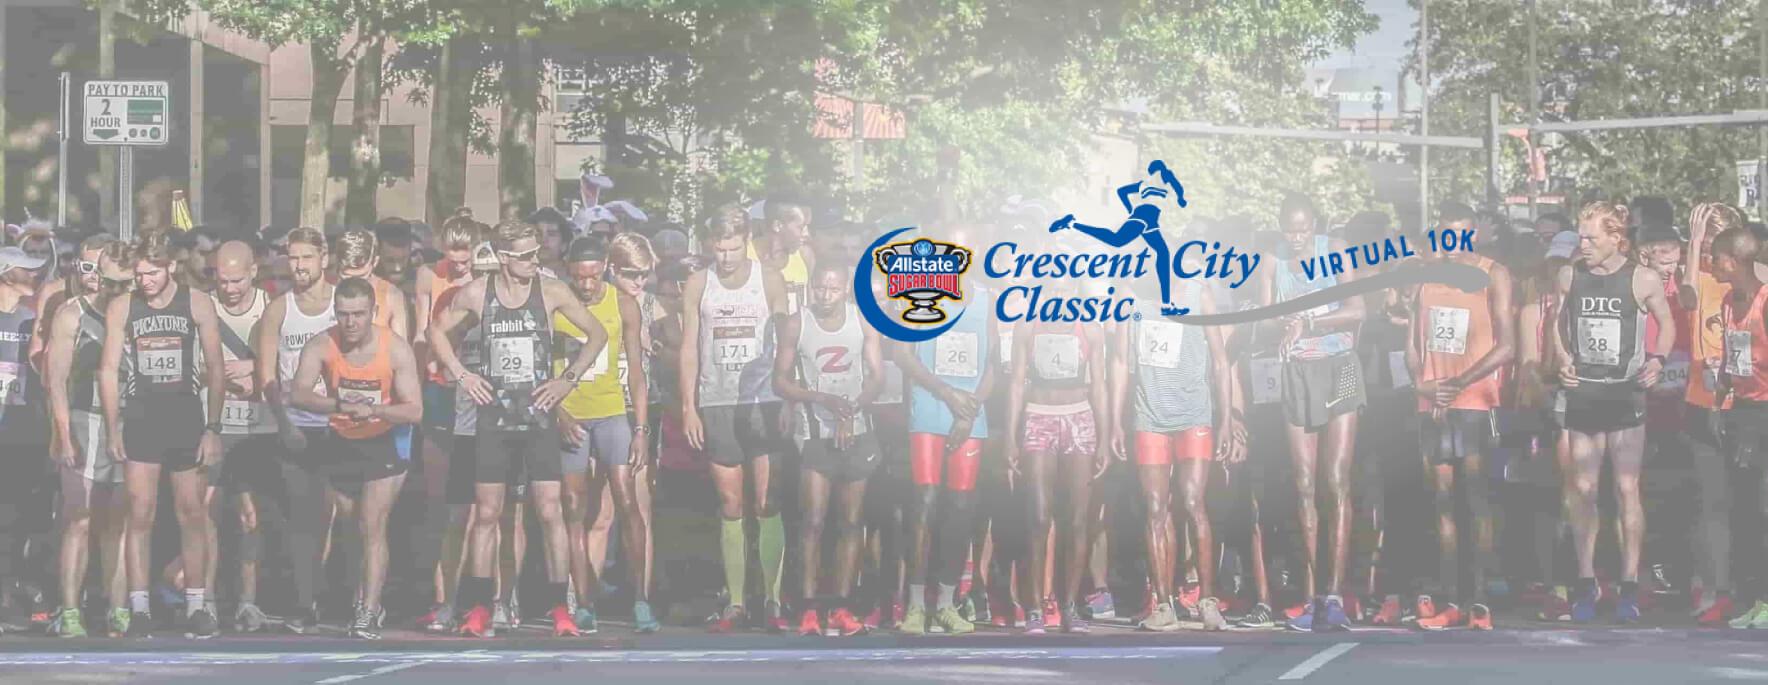 crescent city classic 10k marathon